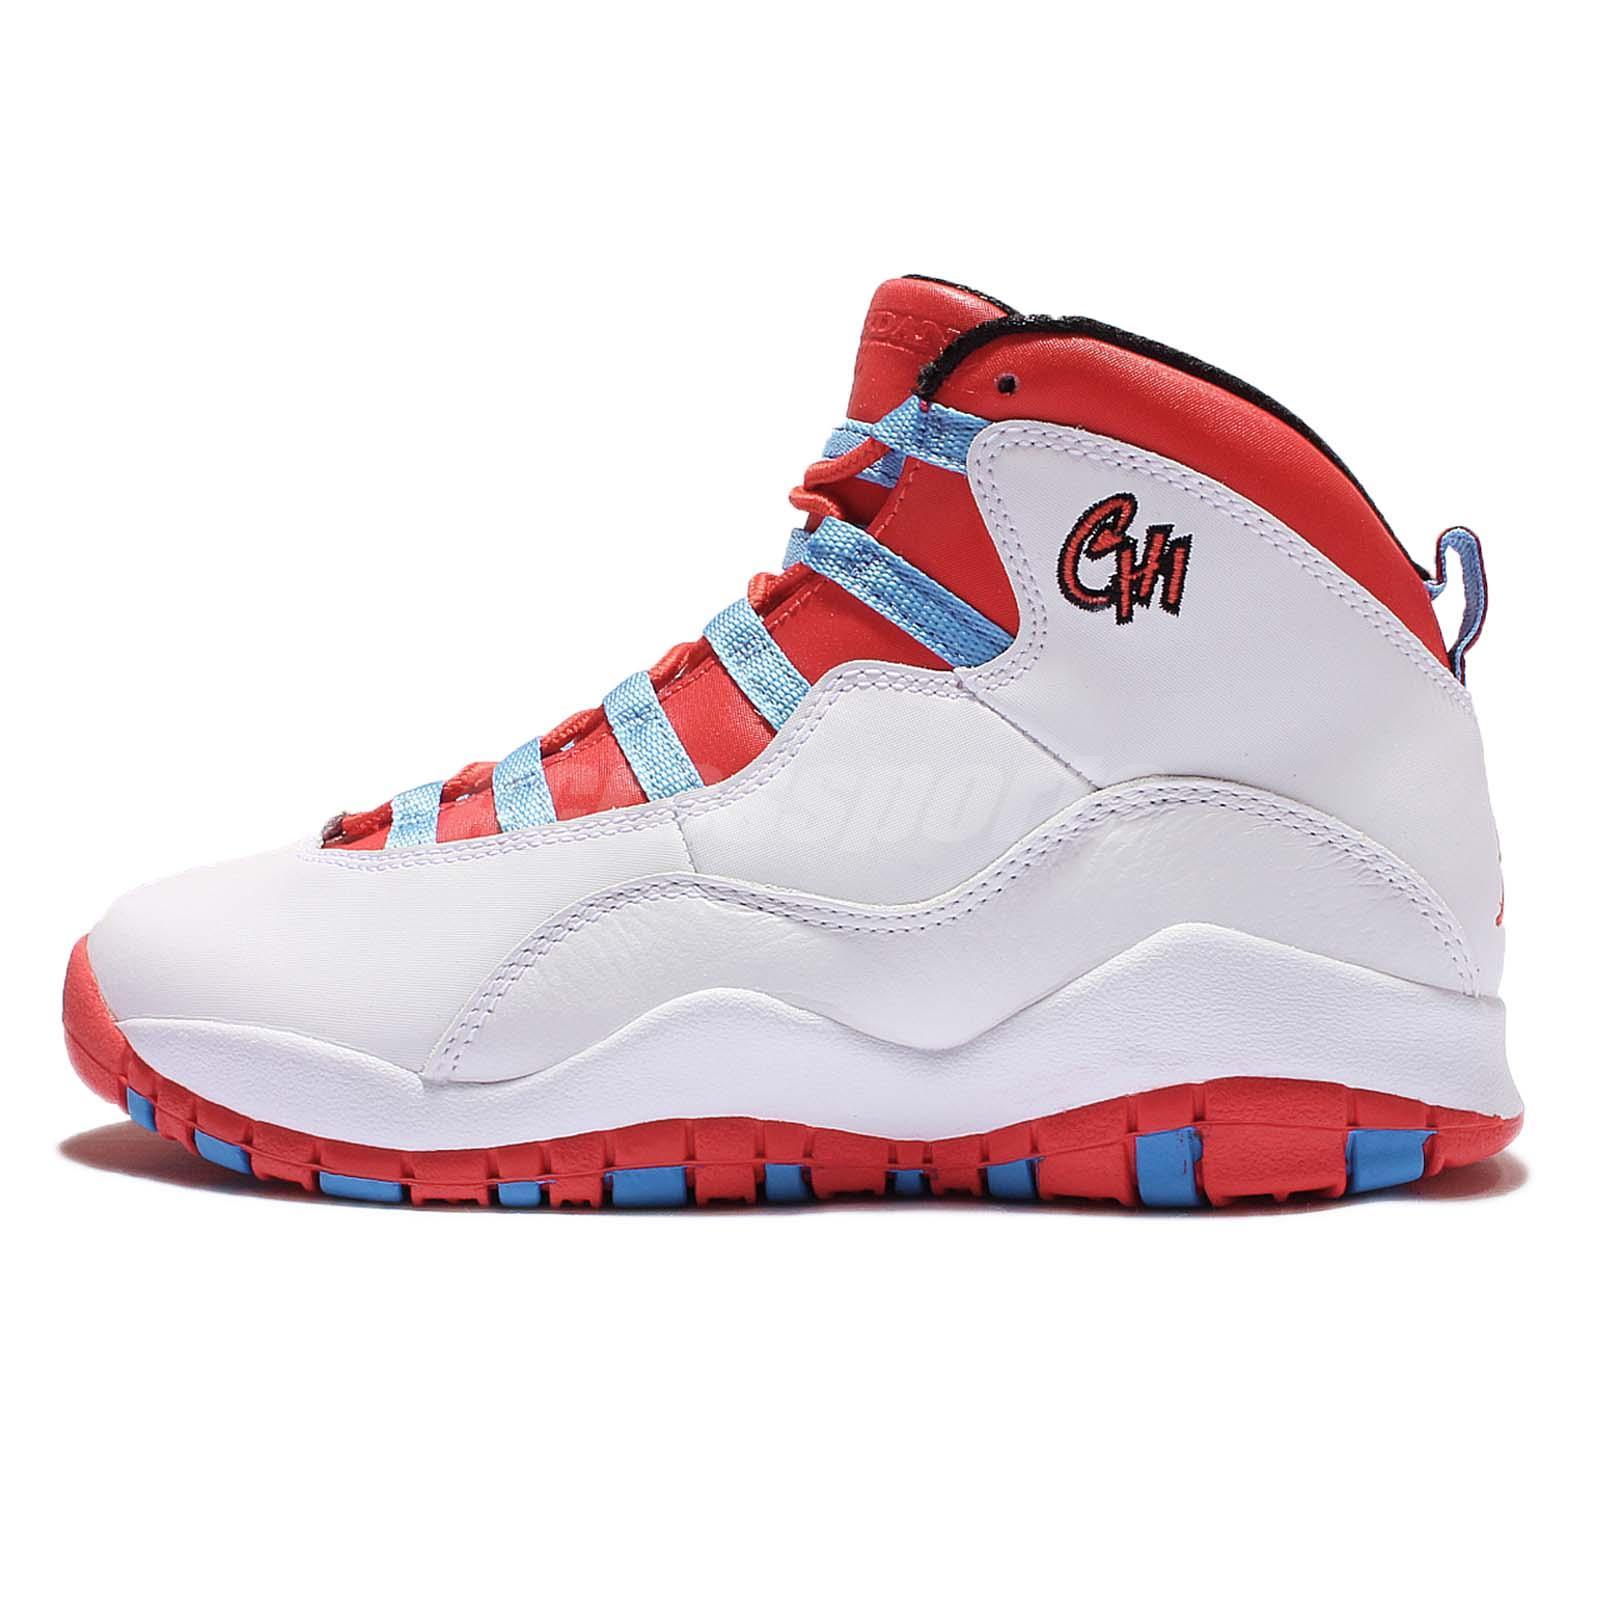 best service e4cb0 d4056 ... Nike Air Jordan 10 Retro GS AJ10 Chicago City Pack White Size 4Y - 7Y  310806 .